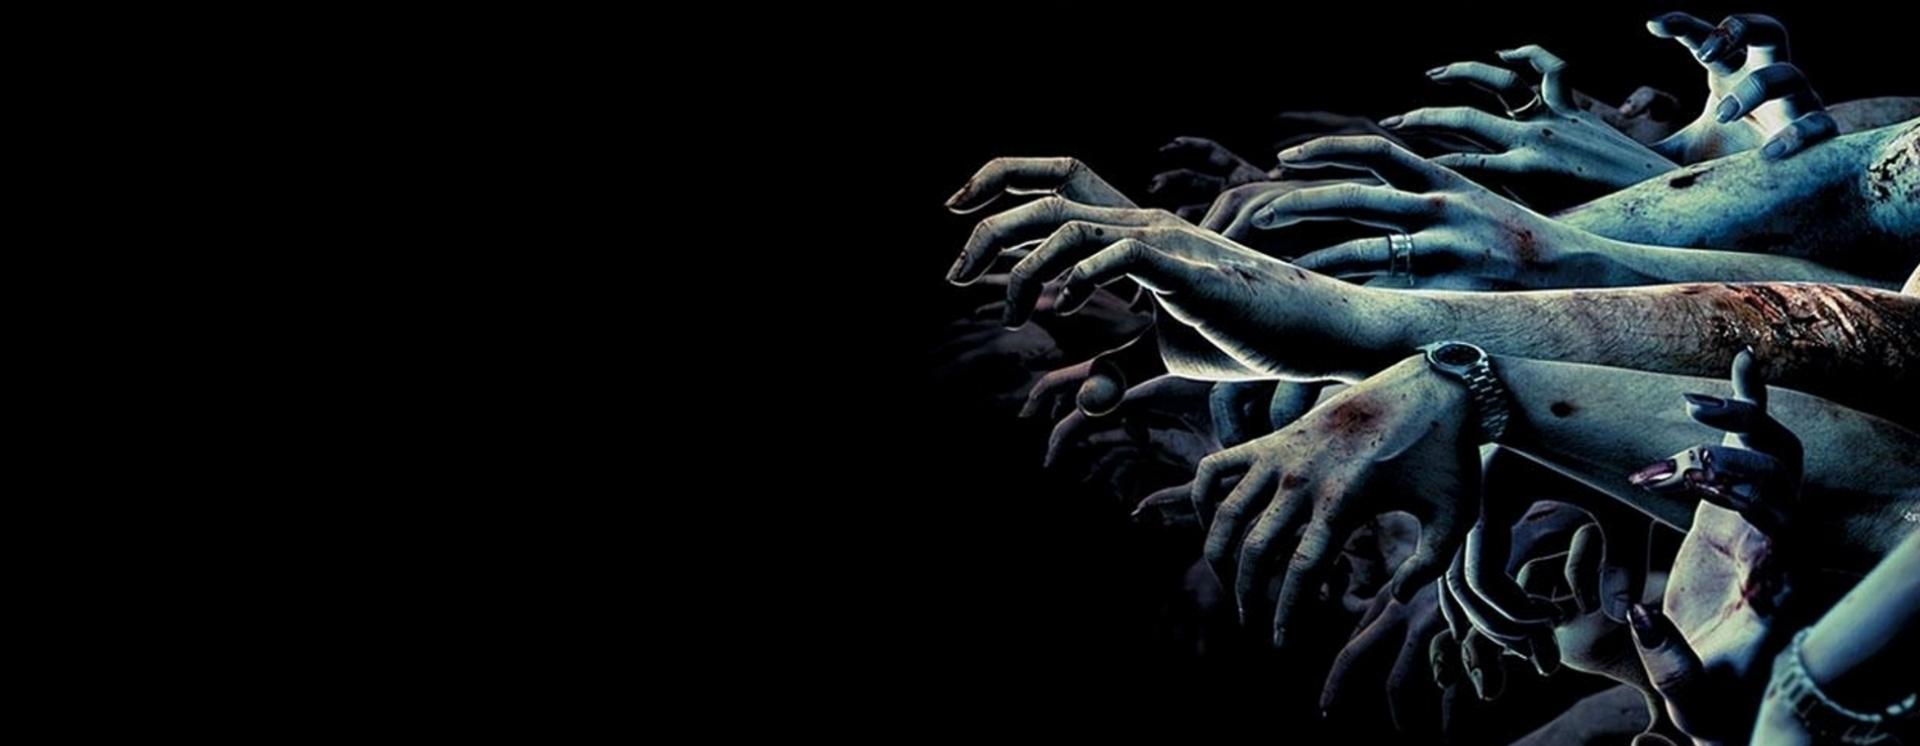 1900x1200 zombie arms reaching wallpaper copy